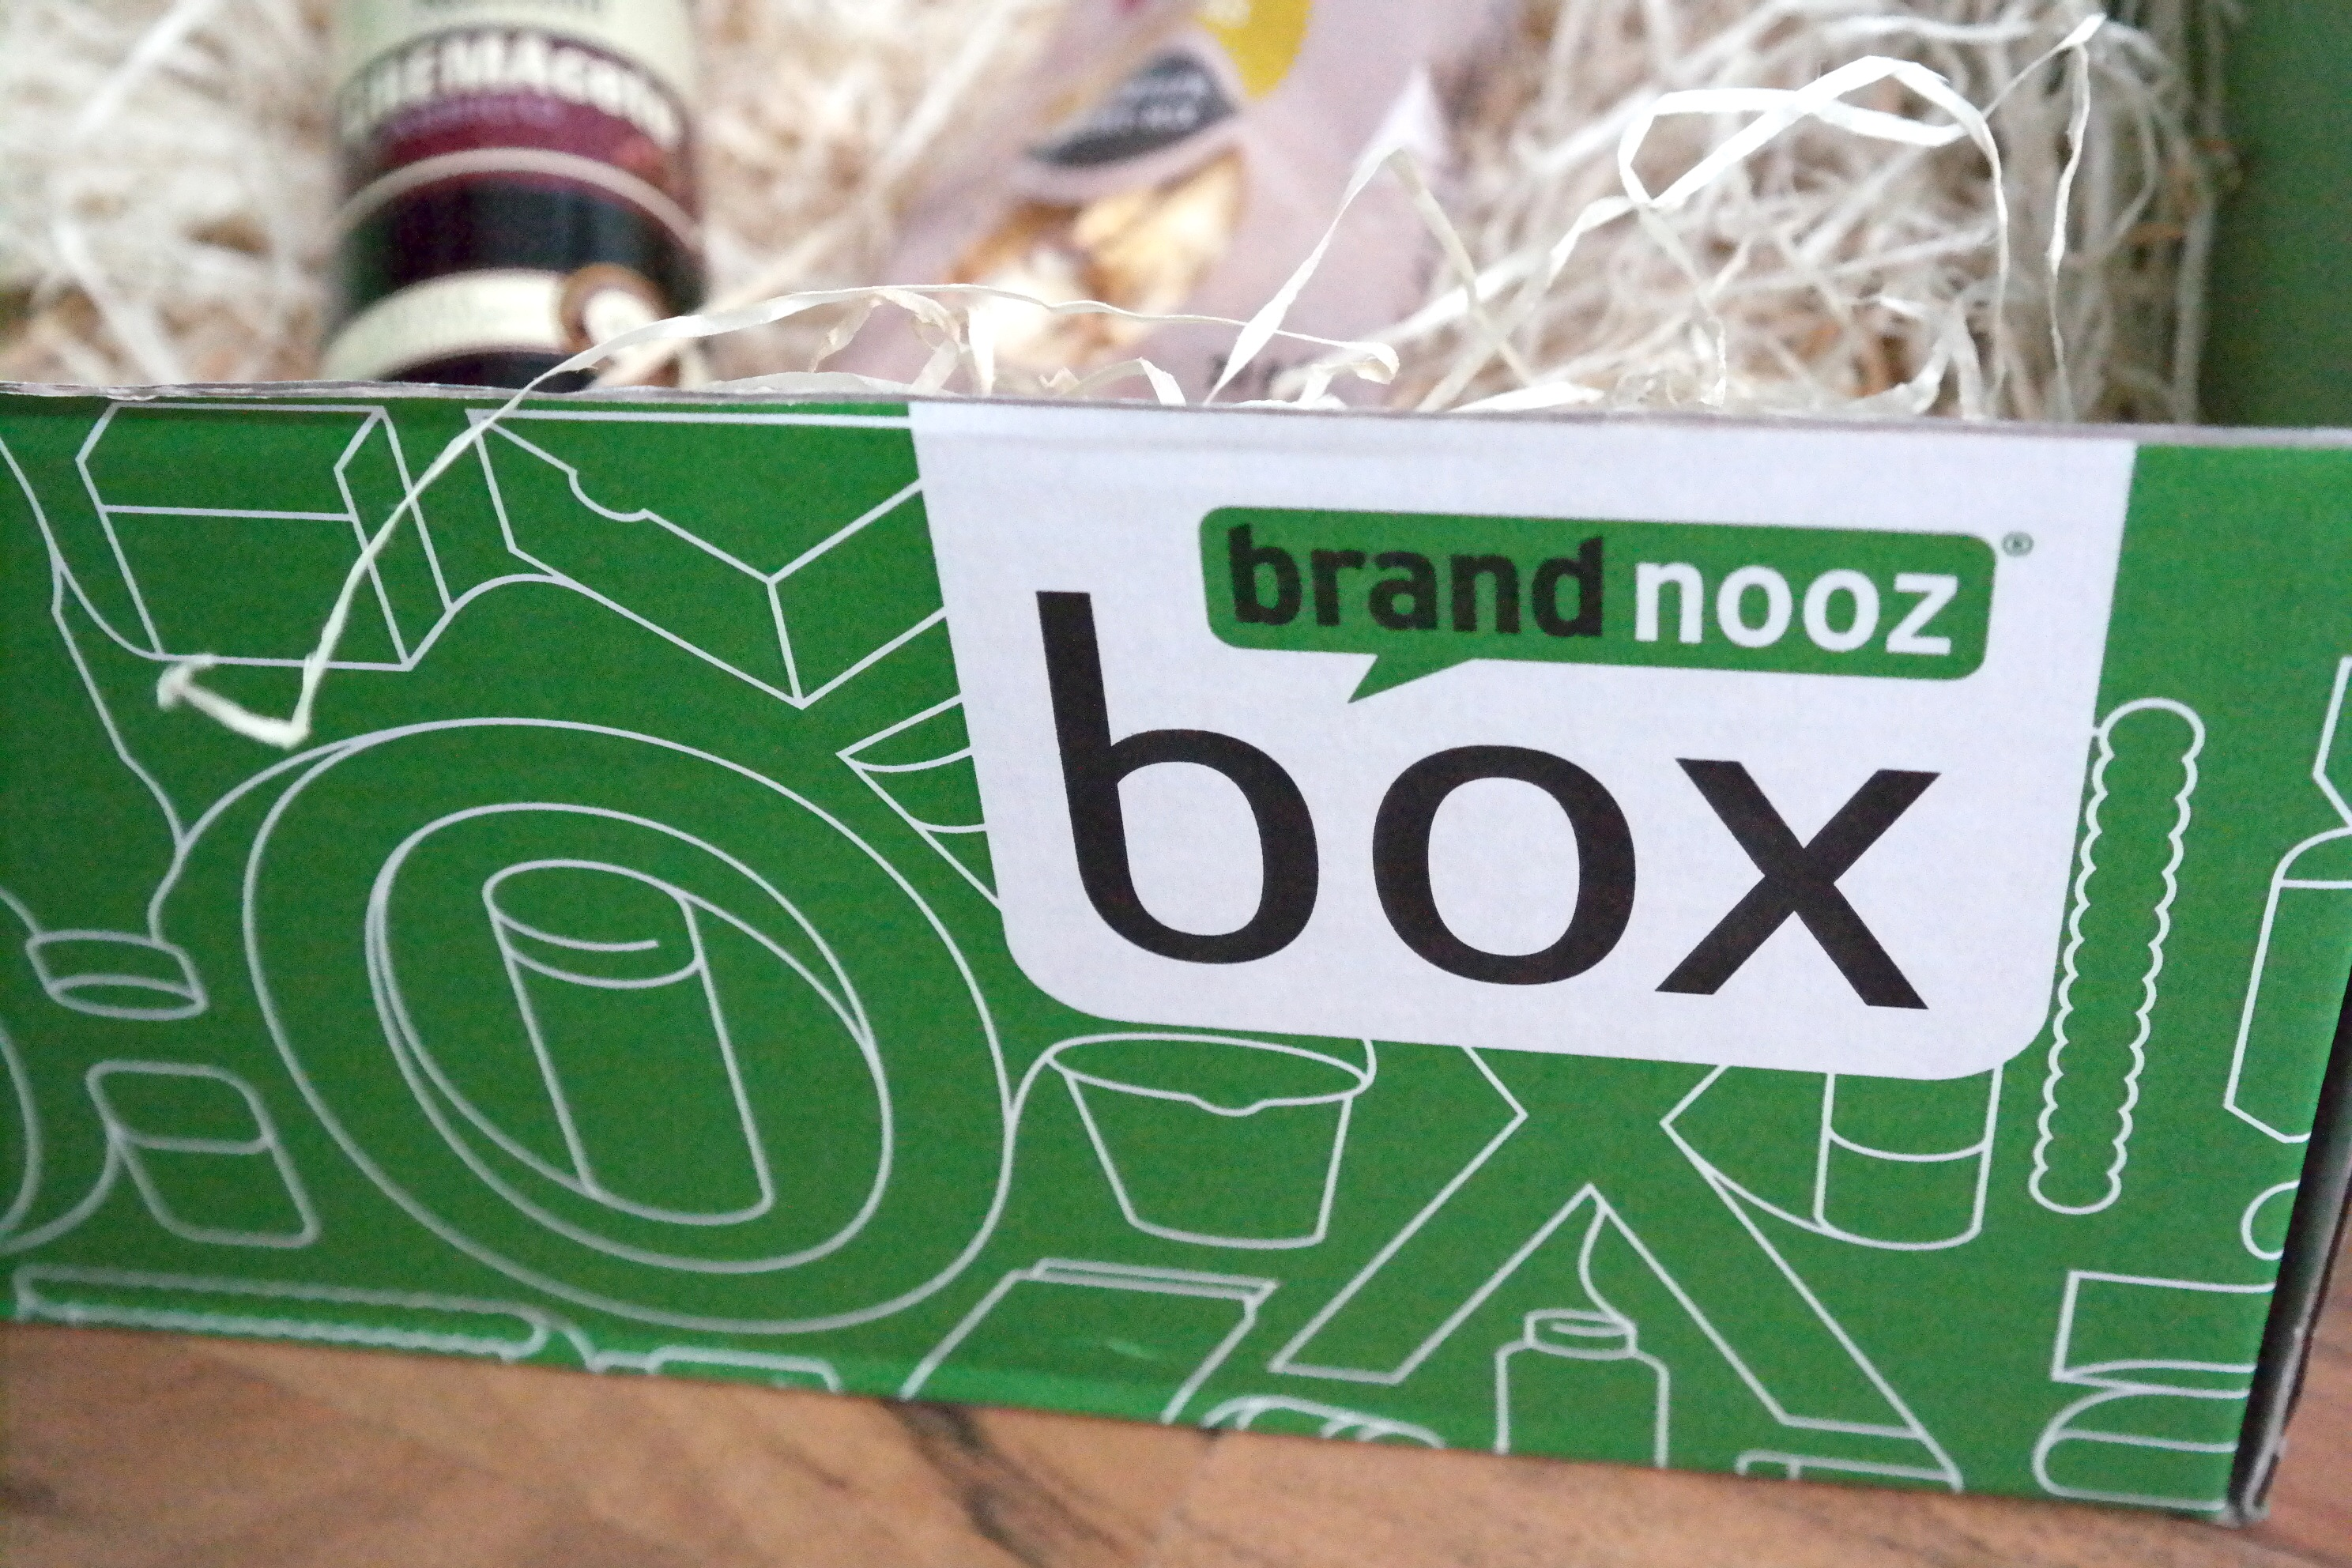 Und nochmal beschenken wir die Mamis // Brandnooz Charity Box: Goodnooz & GEWINNSPIEL